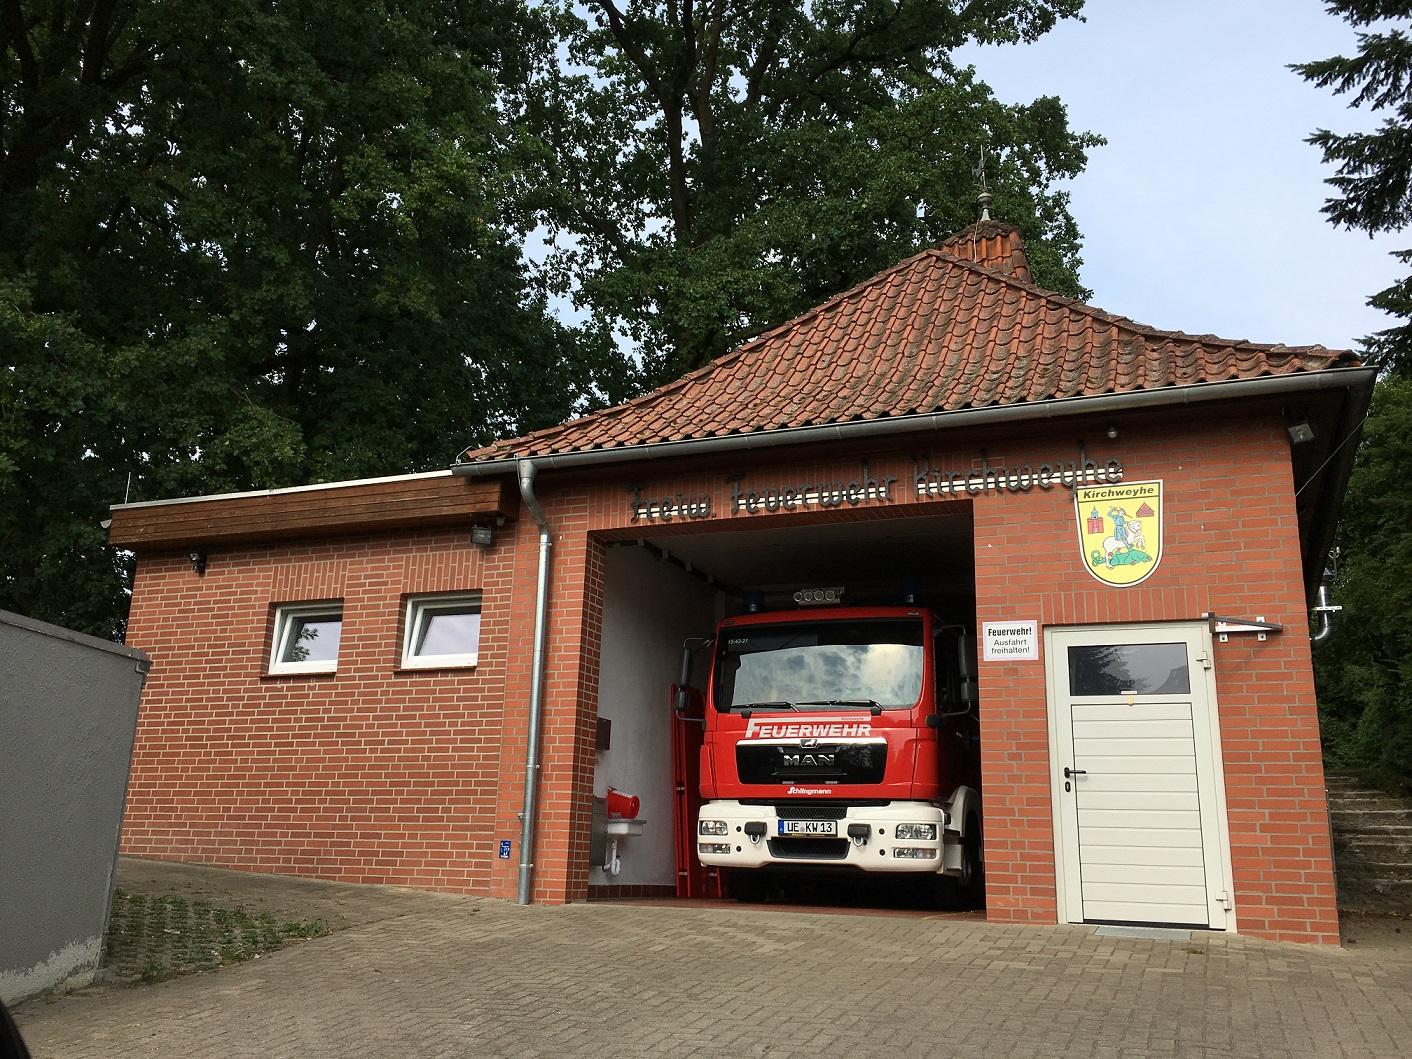 Feuerwehr-Gerätehaus in der Hufschmiedstraße (inkl. Anbau und neuem Fahrzeug) - Juli 2018